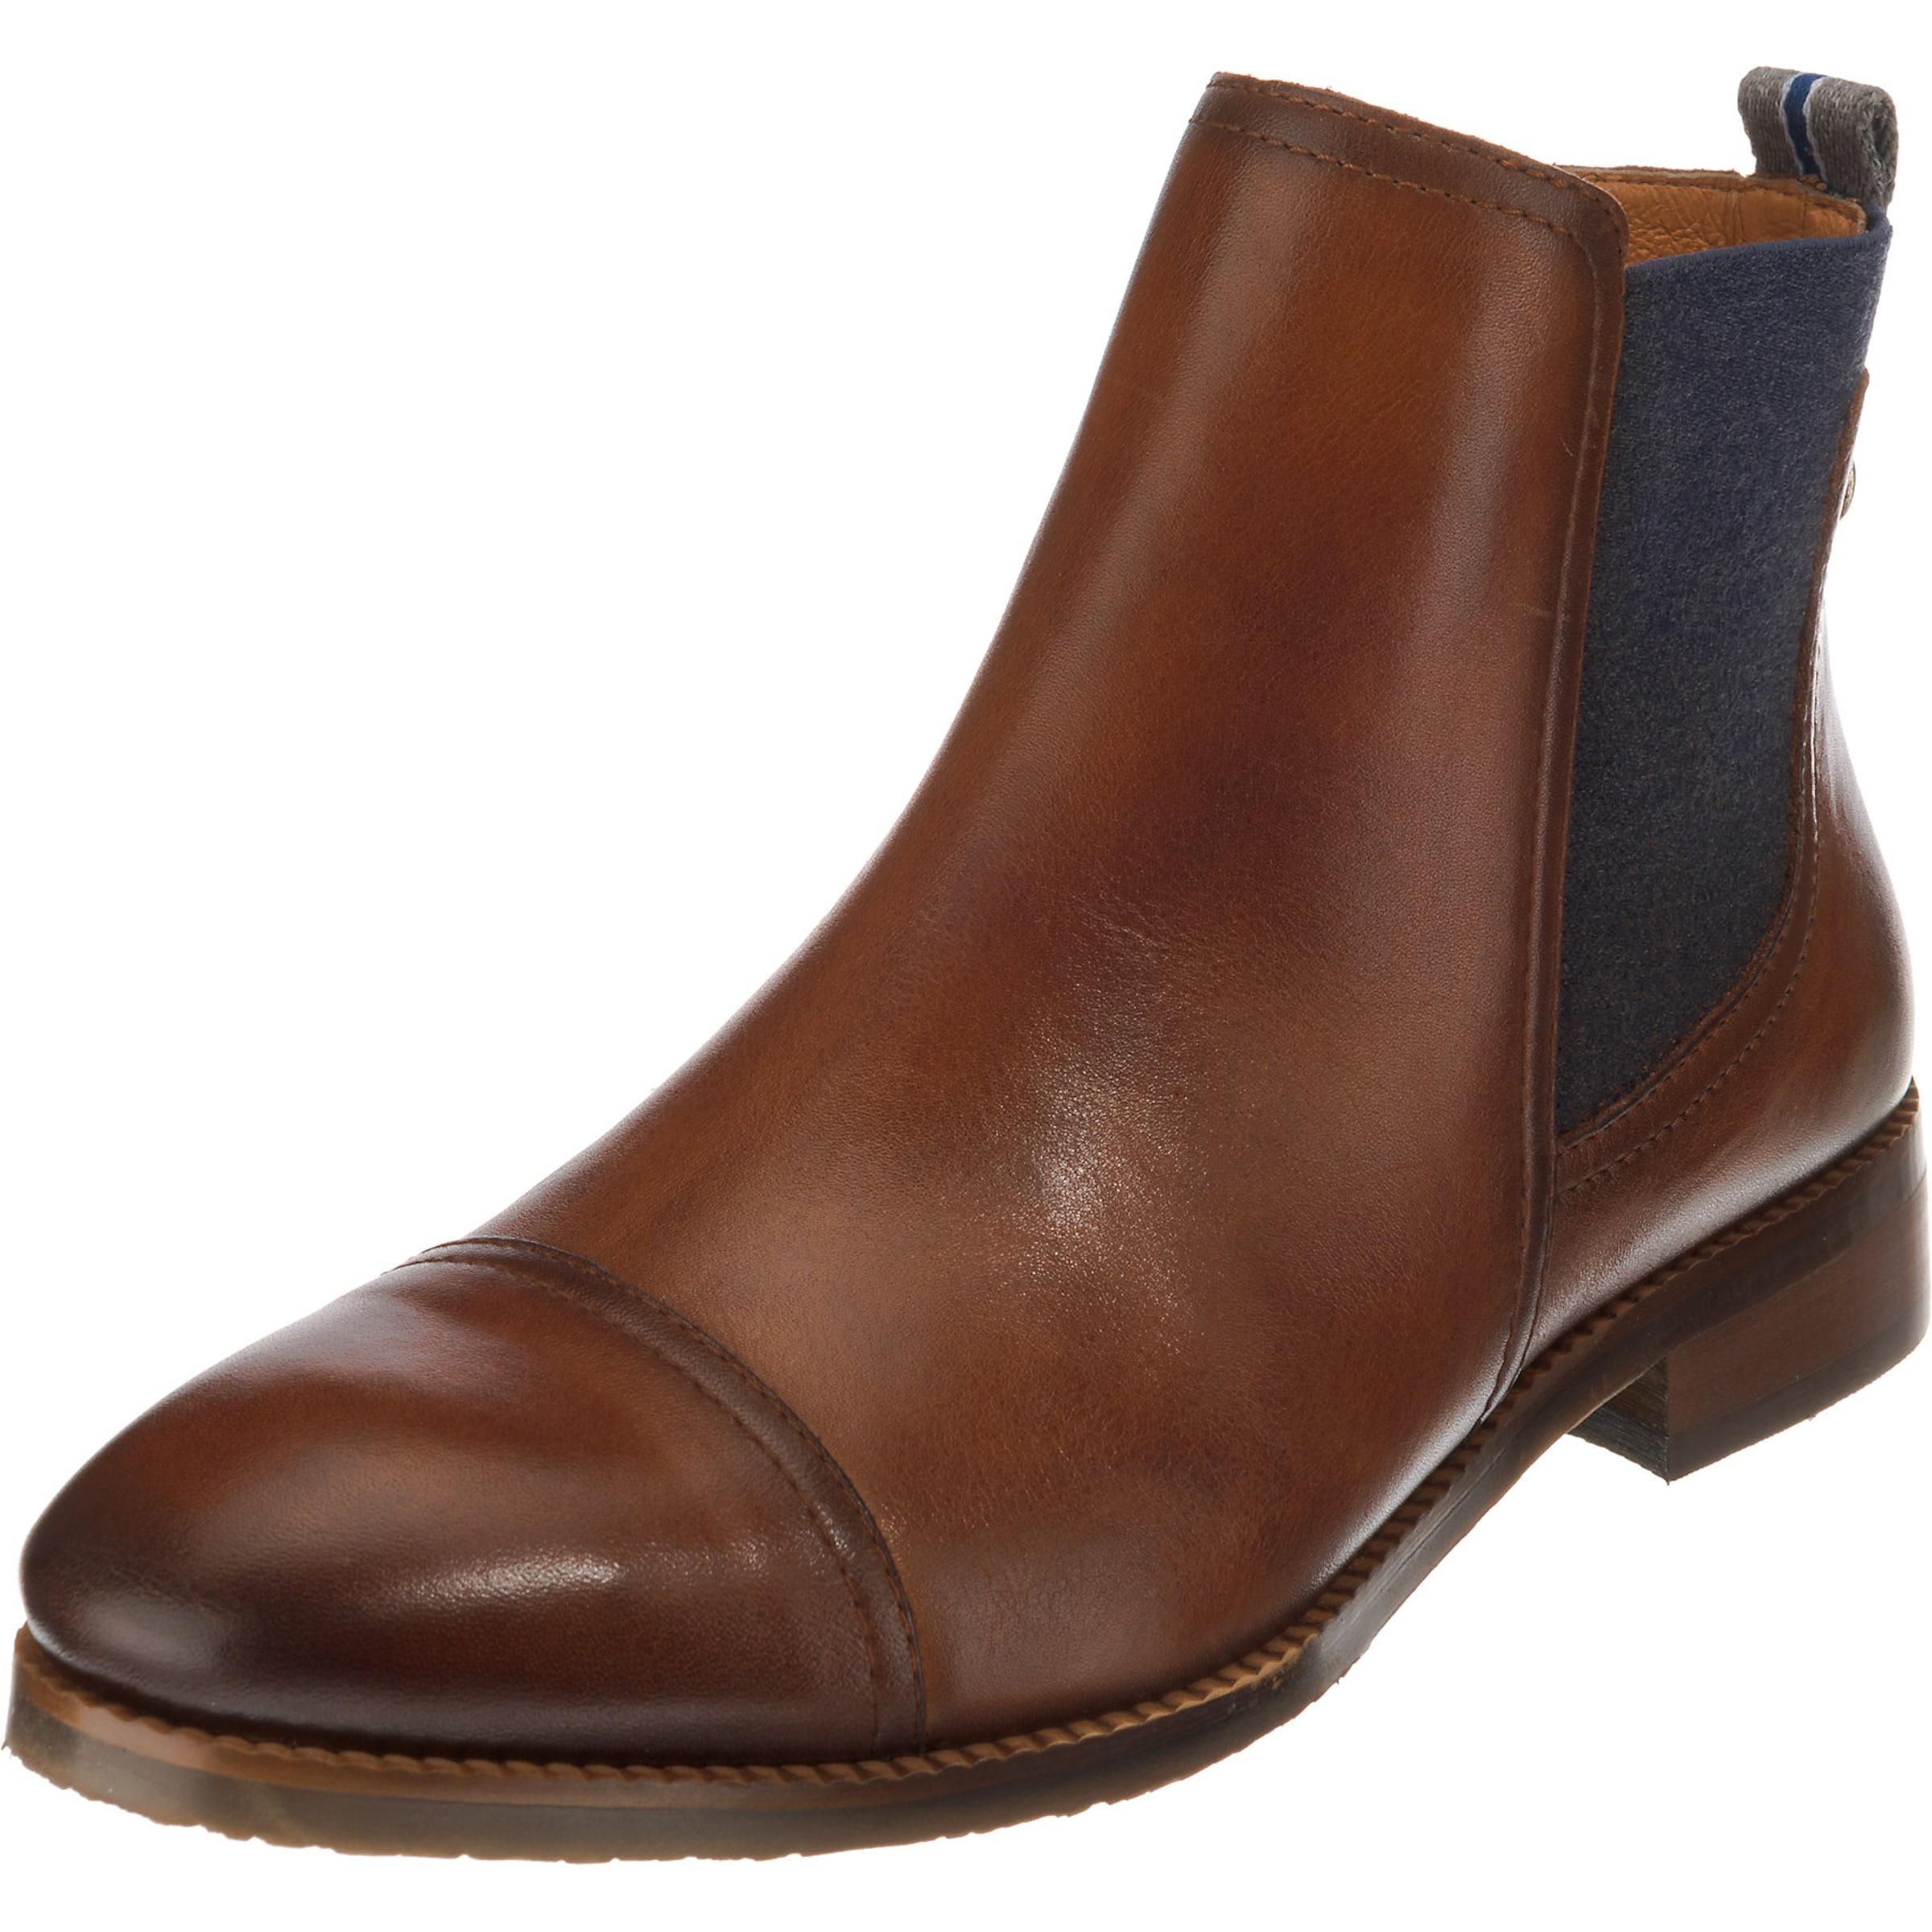 In Bordeaux Chelsea Boots Pikolinos 'royal' b6Yfg7y